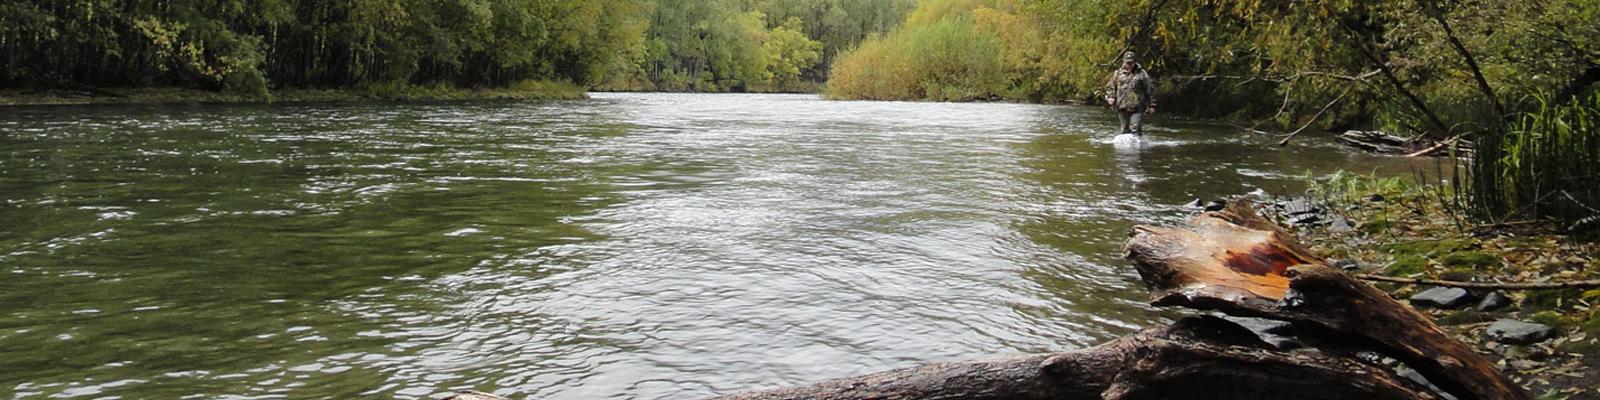 камчатка рыбалка видео